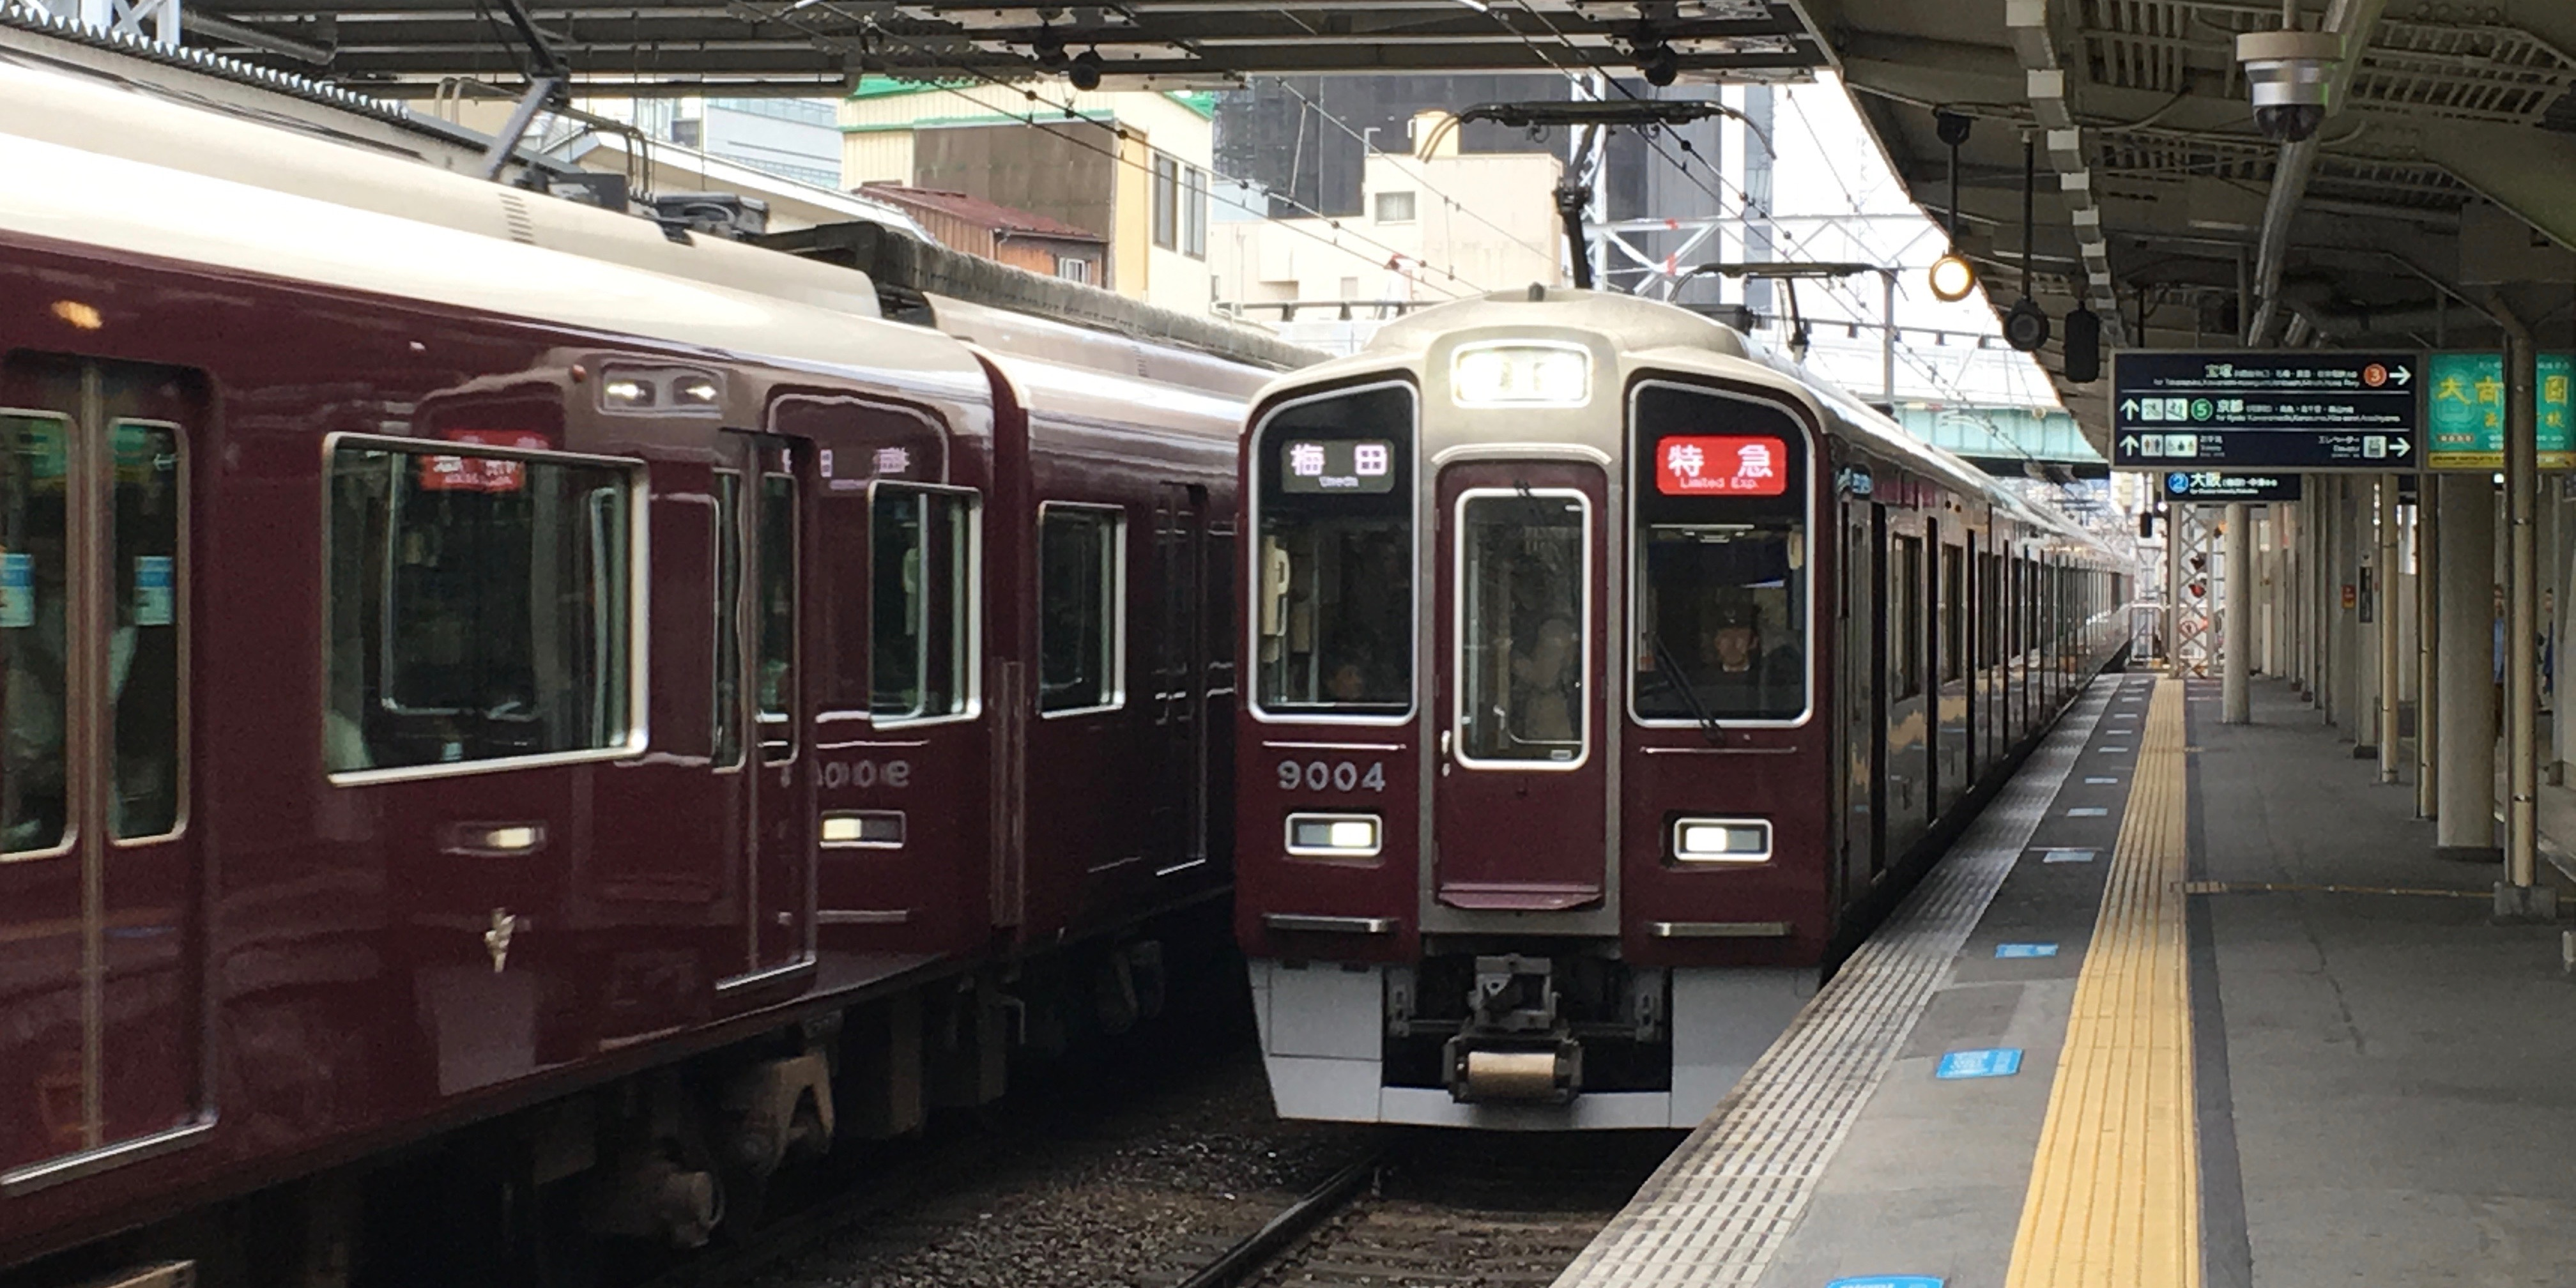 阪神間の素敵な電車 阪急神戸線に乗りました